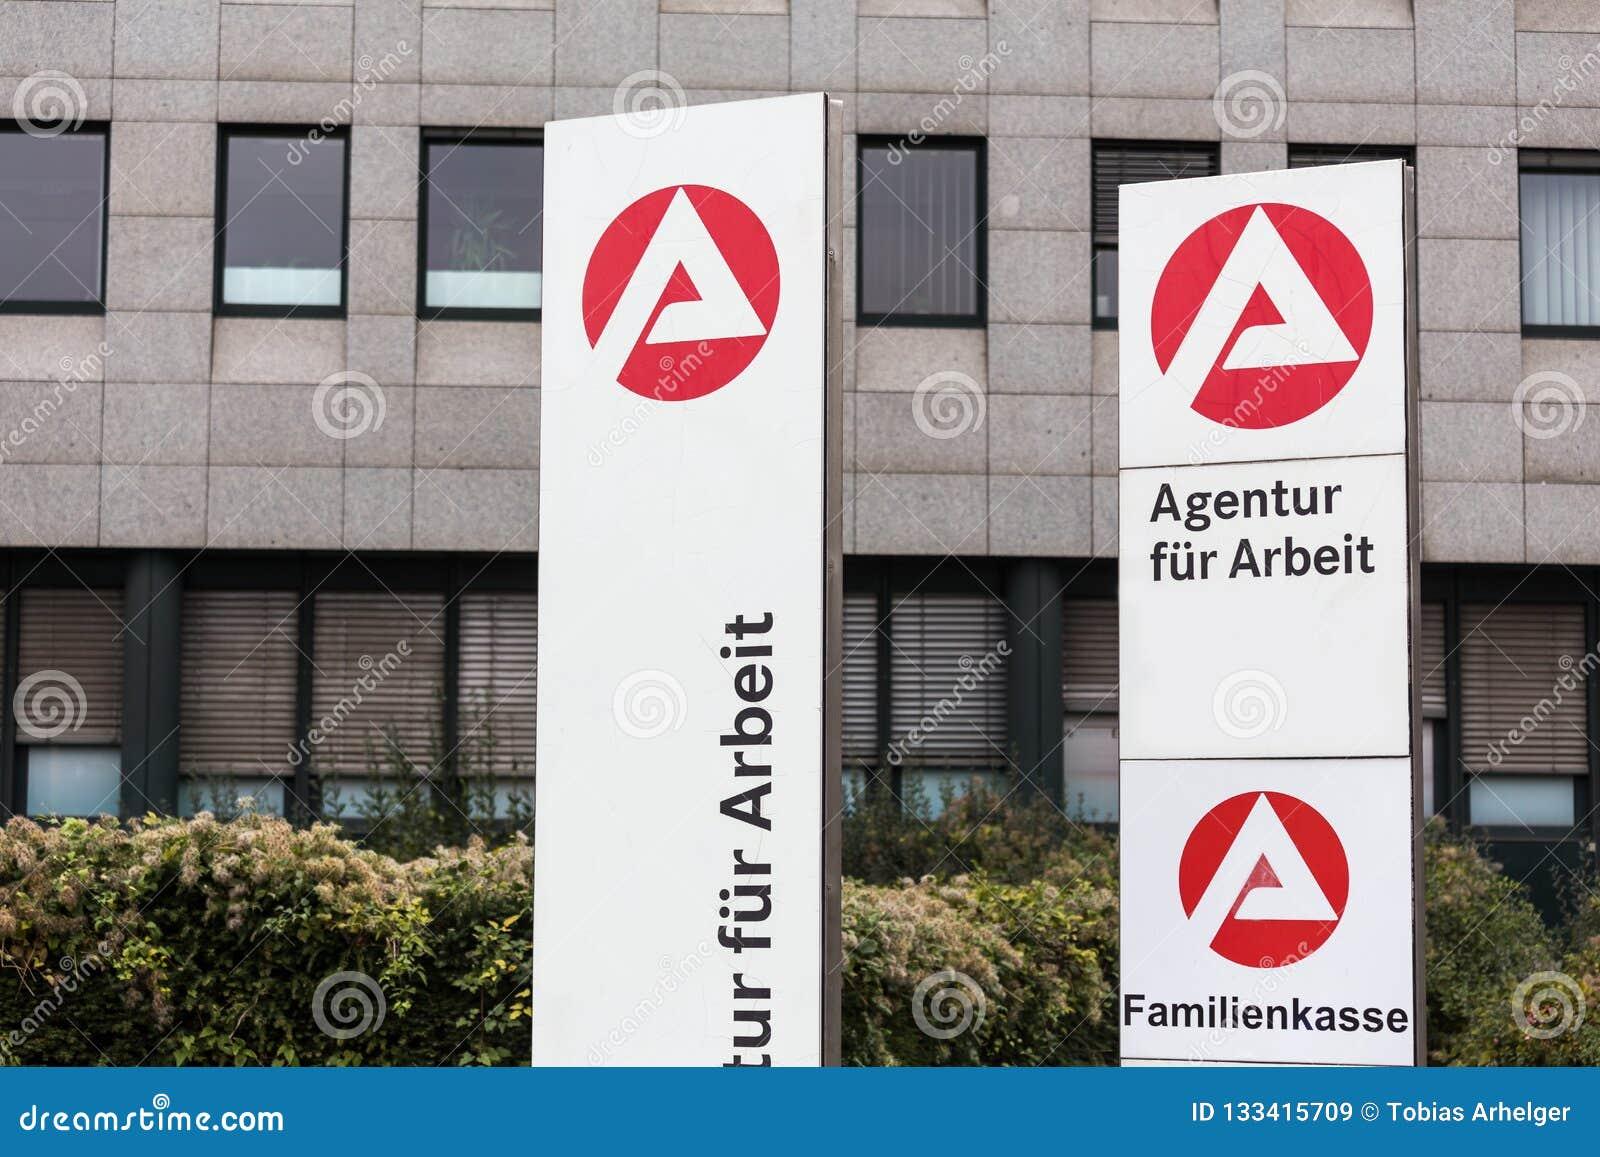 Essen, North Rhine-Westphalia/germany - 22 11 18: agentur für arbeit sign in essen germany